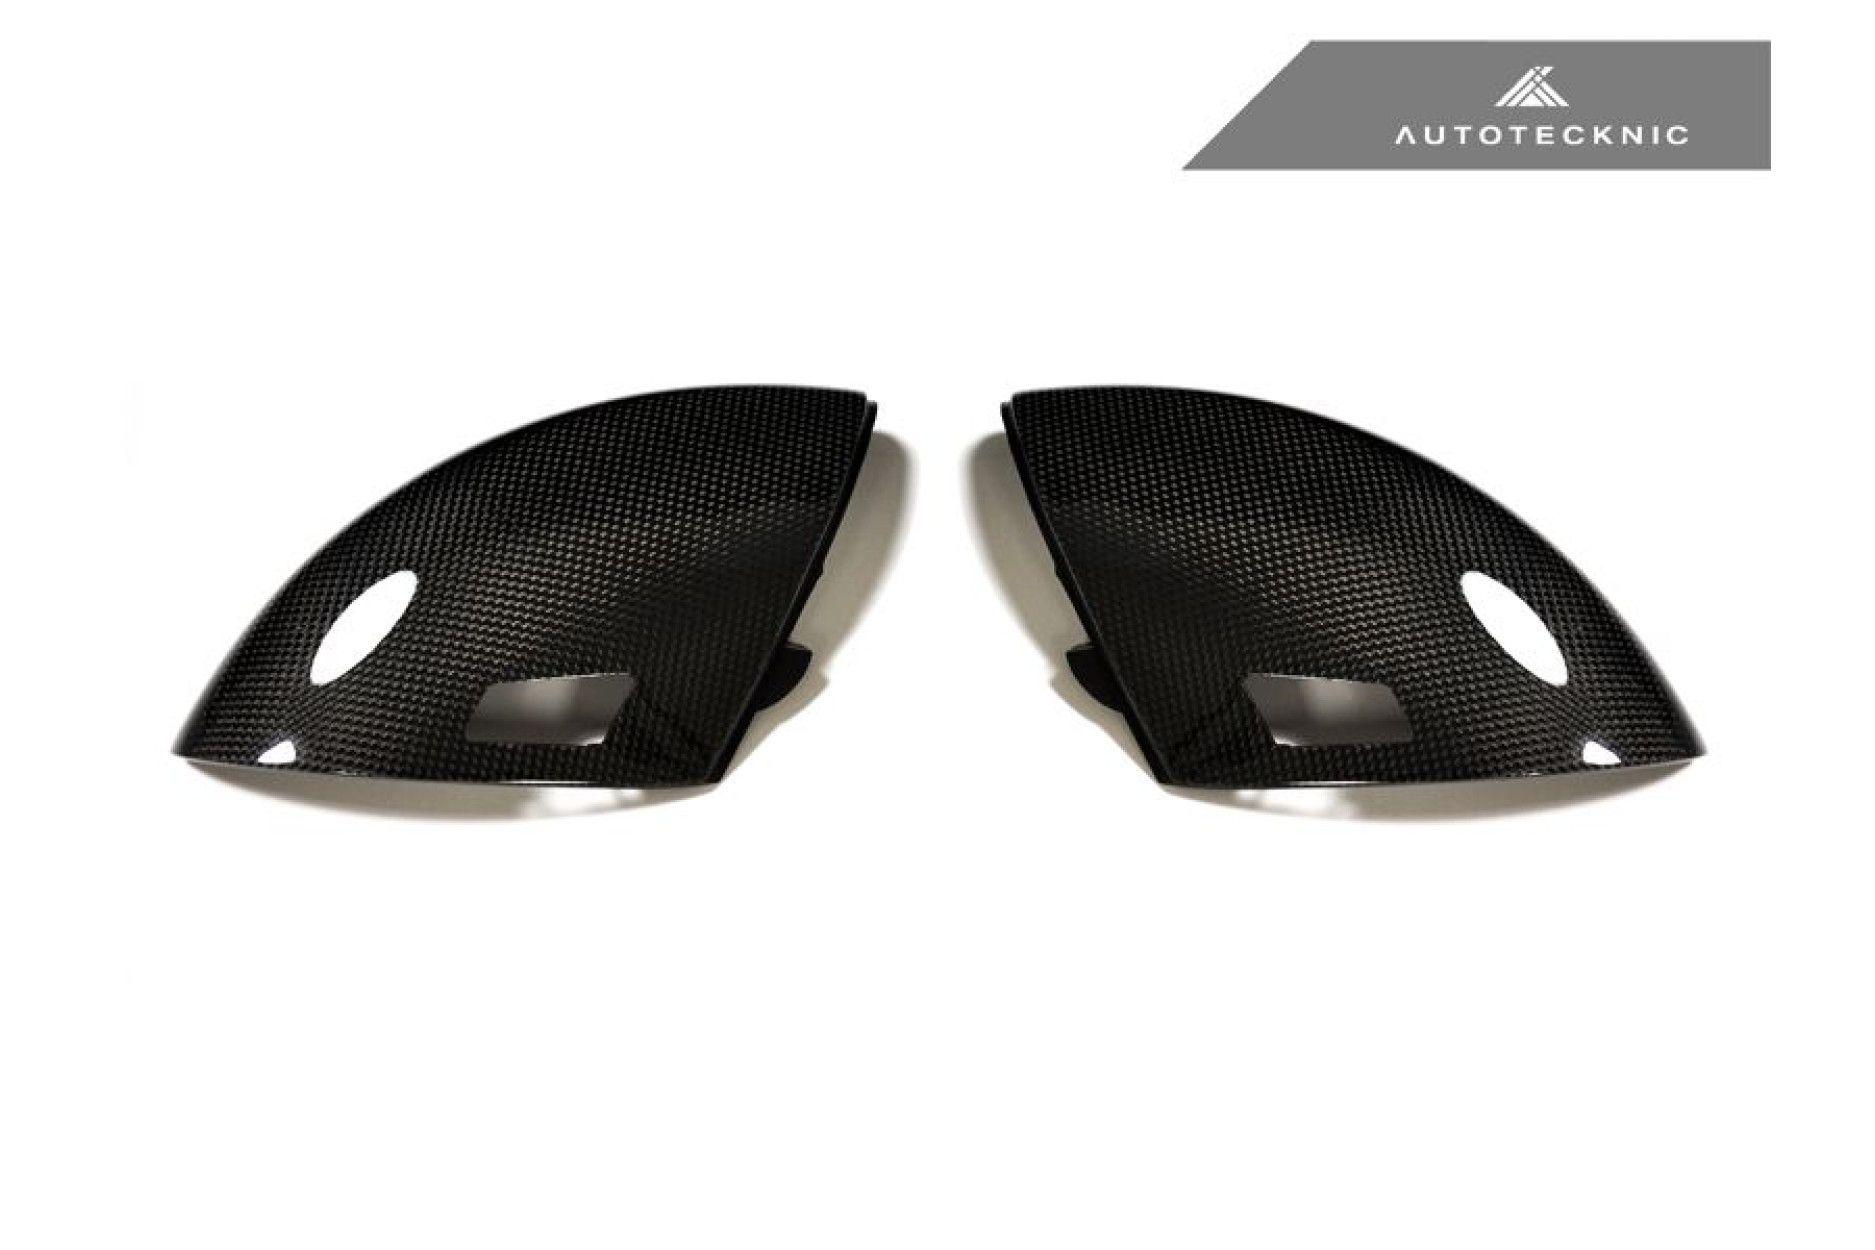 AutoTecknic Carbon Spiegelkappen Austausch - E60 M5 / M6 E63